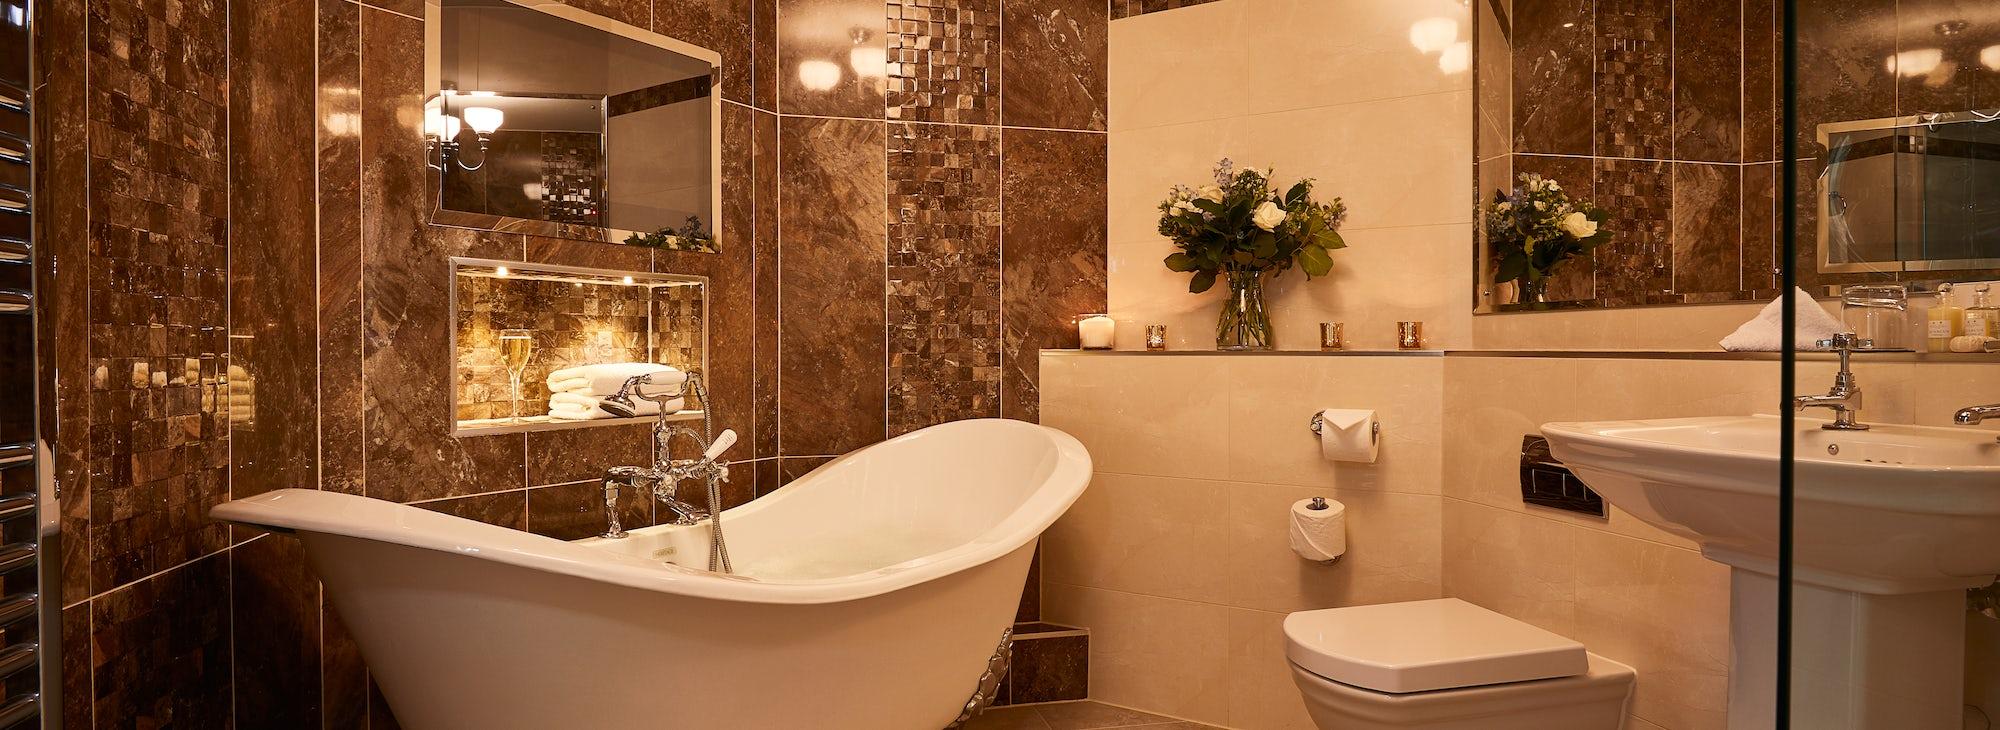 Junior Suite Bath at Bath Spa